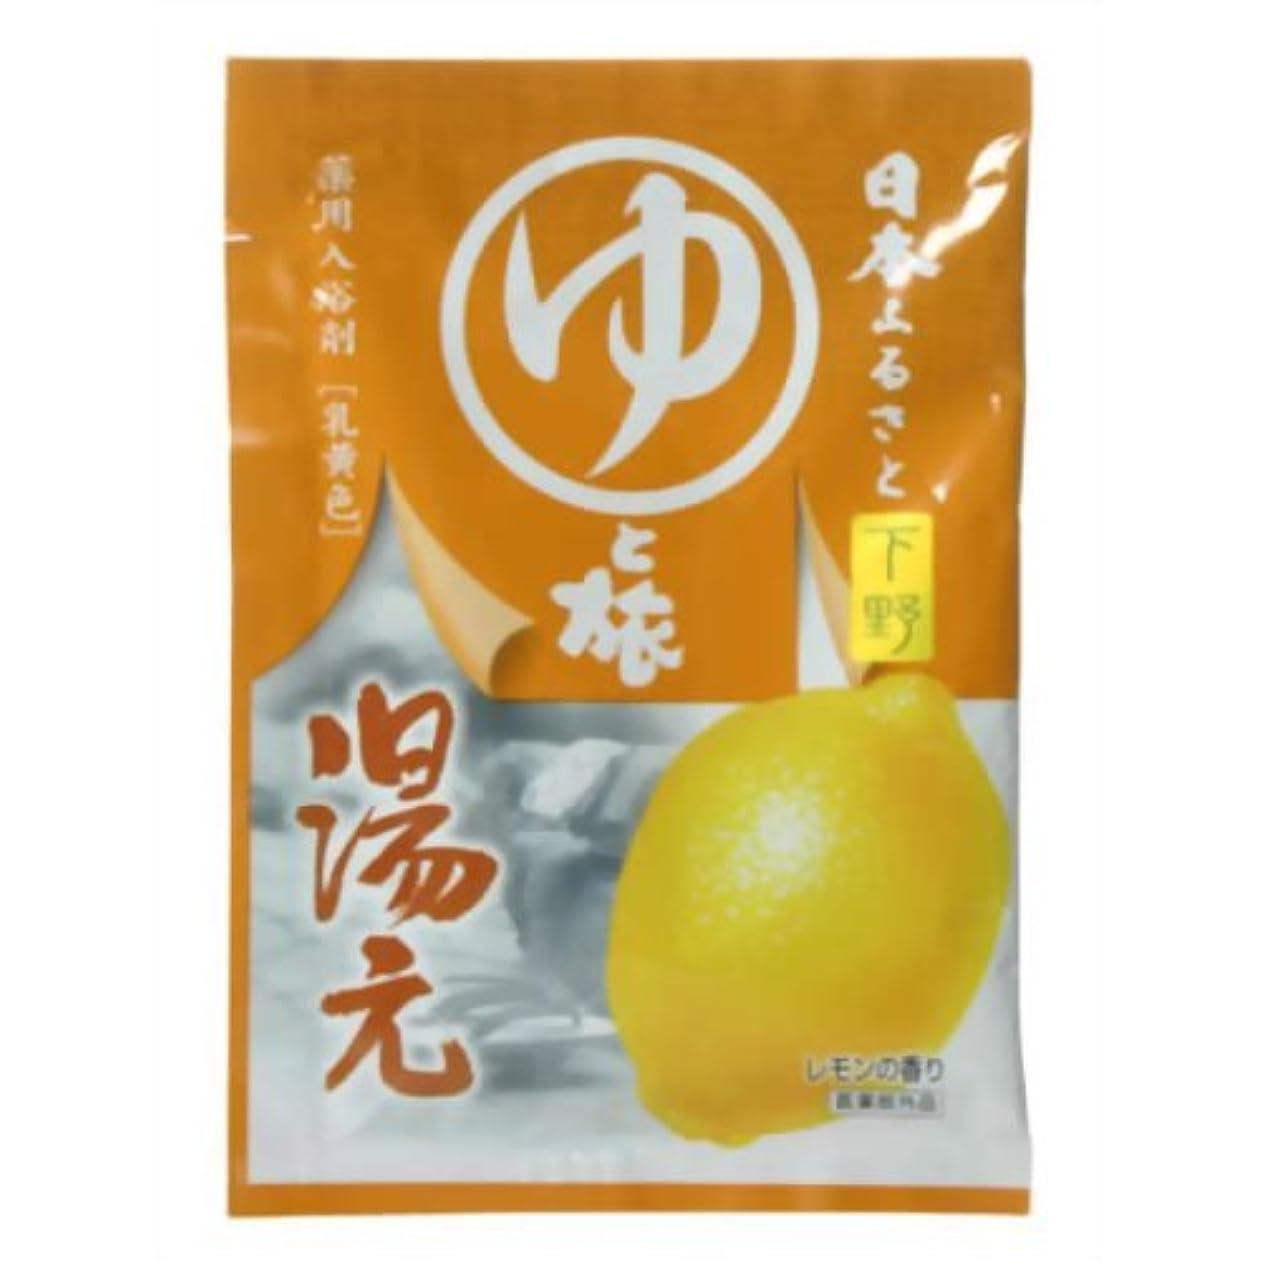 レインコート罹患率贅沢なヤマサキの入浴剤シリーズ 湯元(入浴剤)